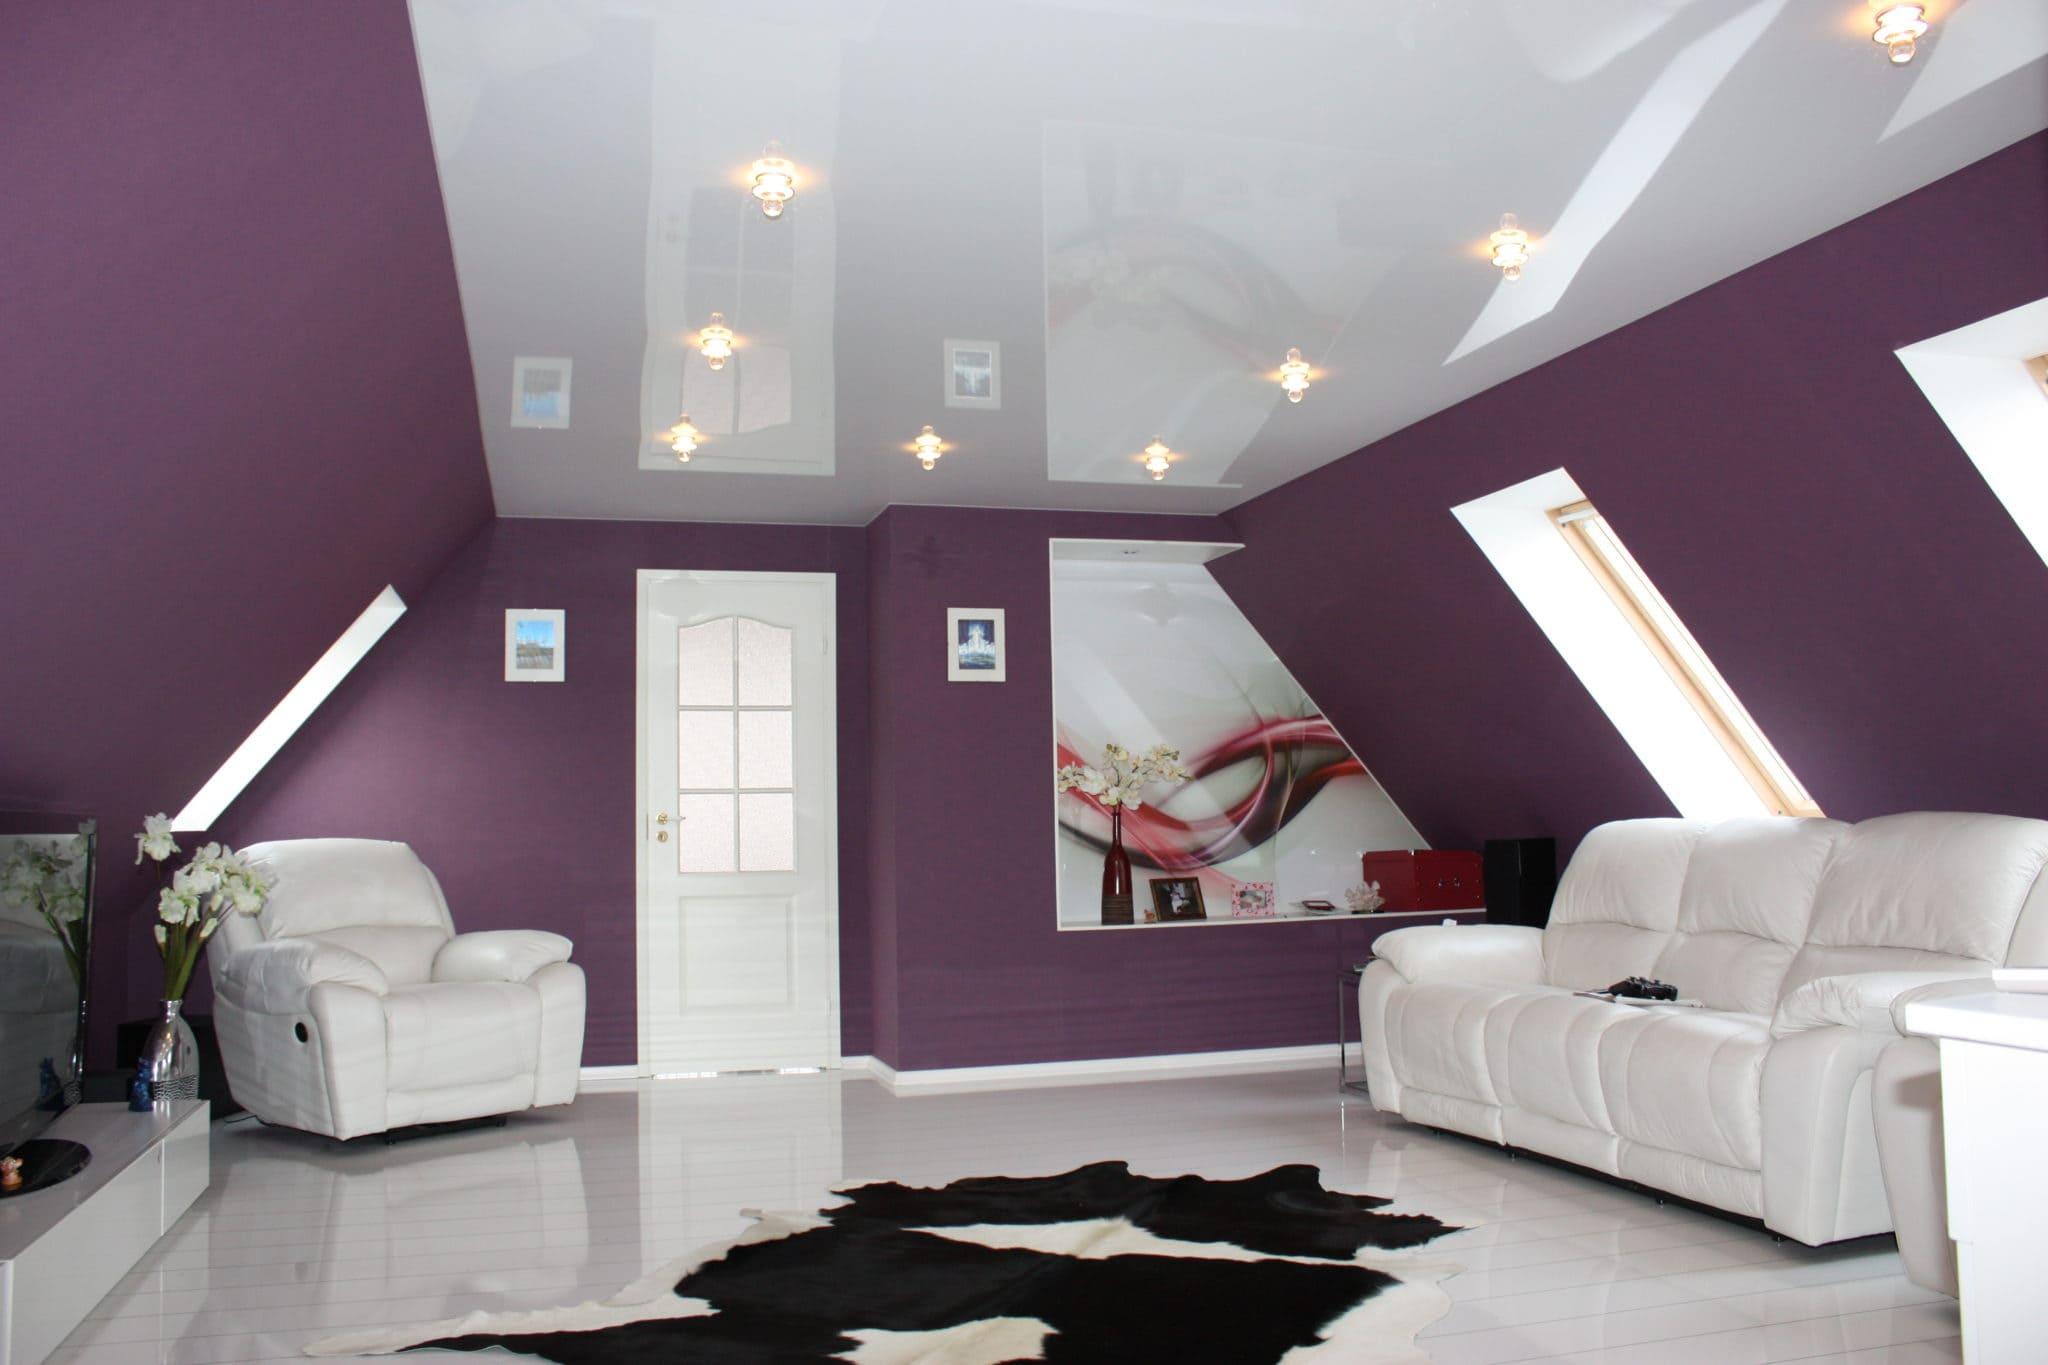 Натяжные потолки - разновидности, фото, цены, особенности 02